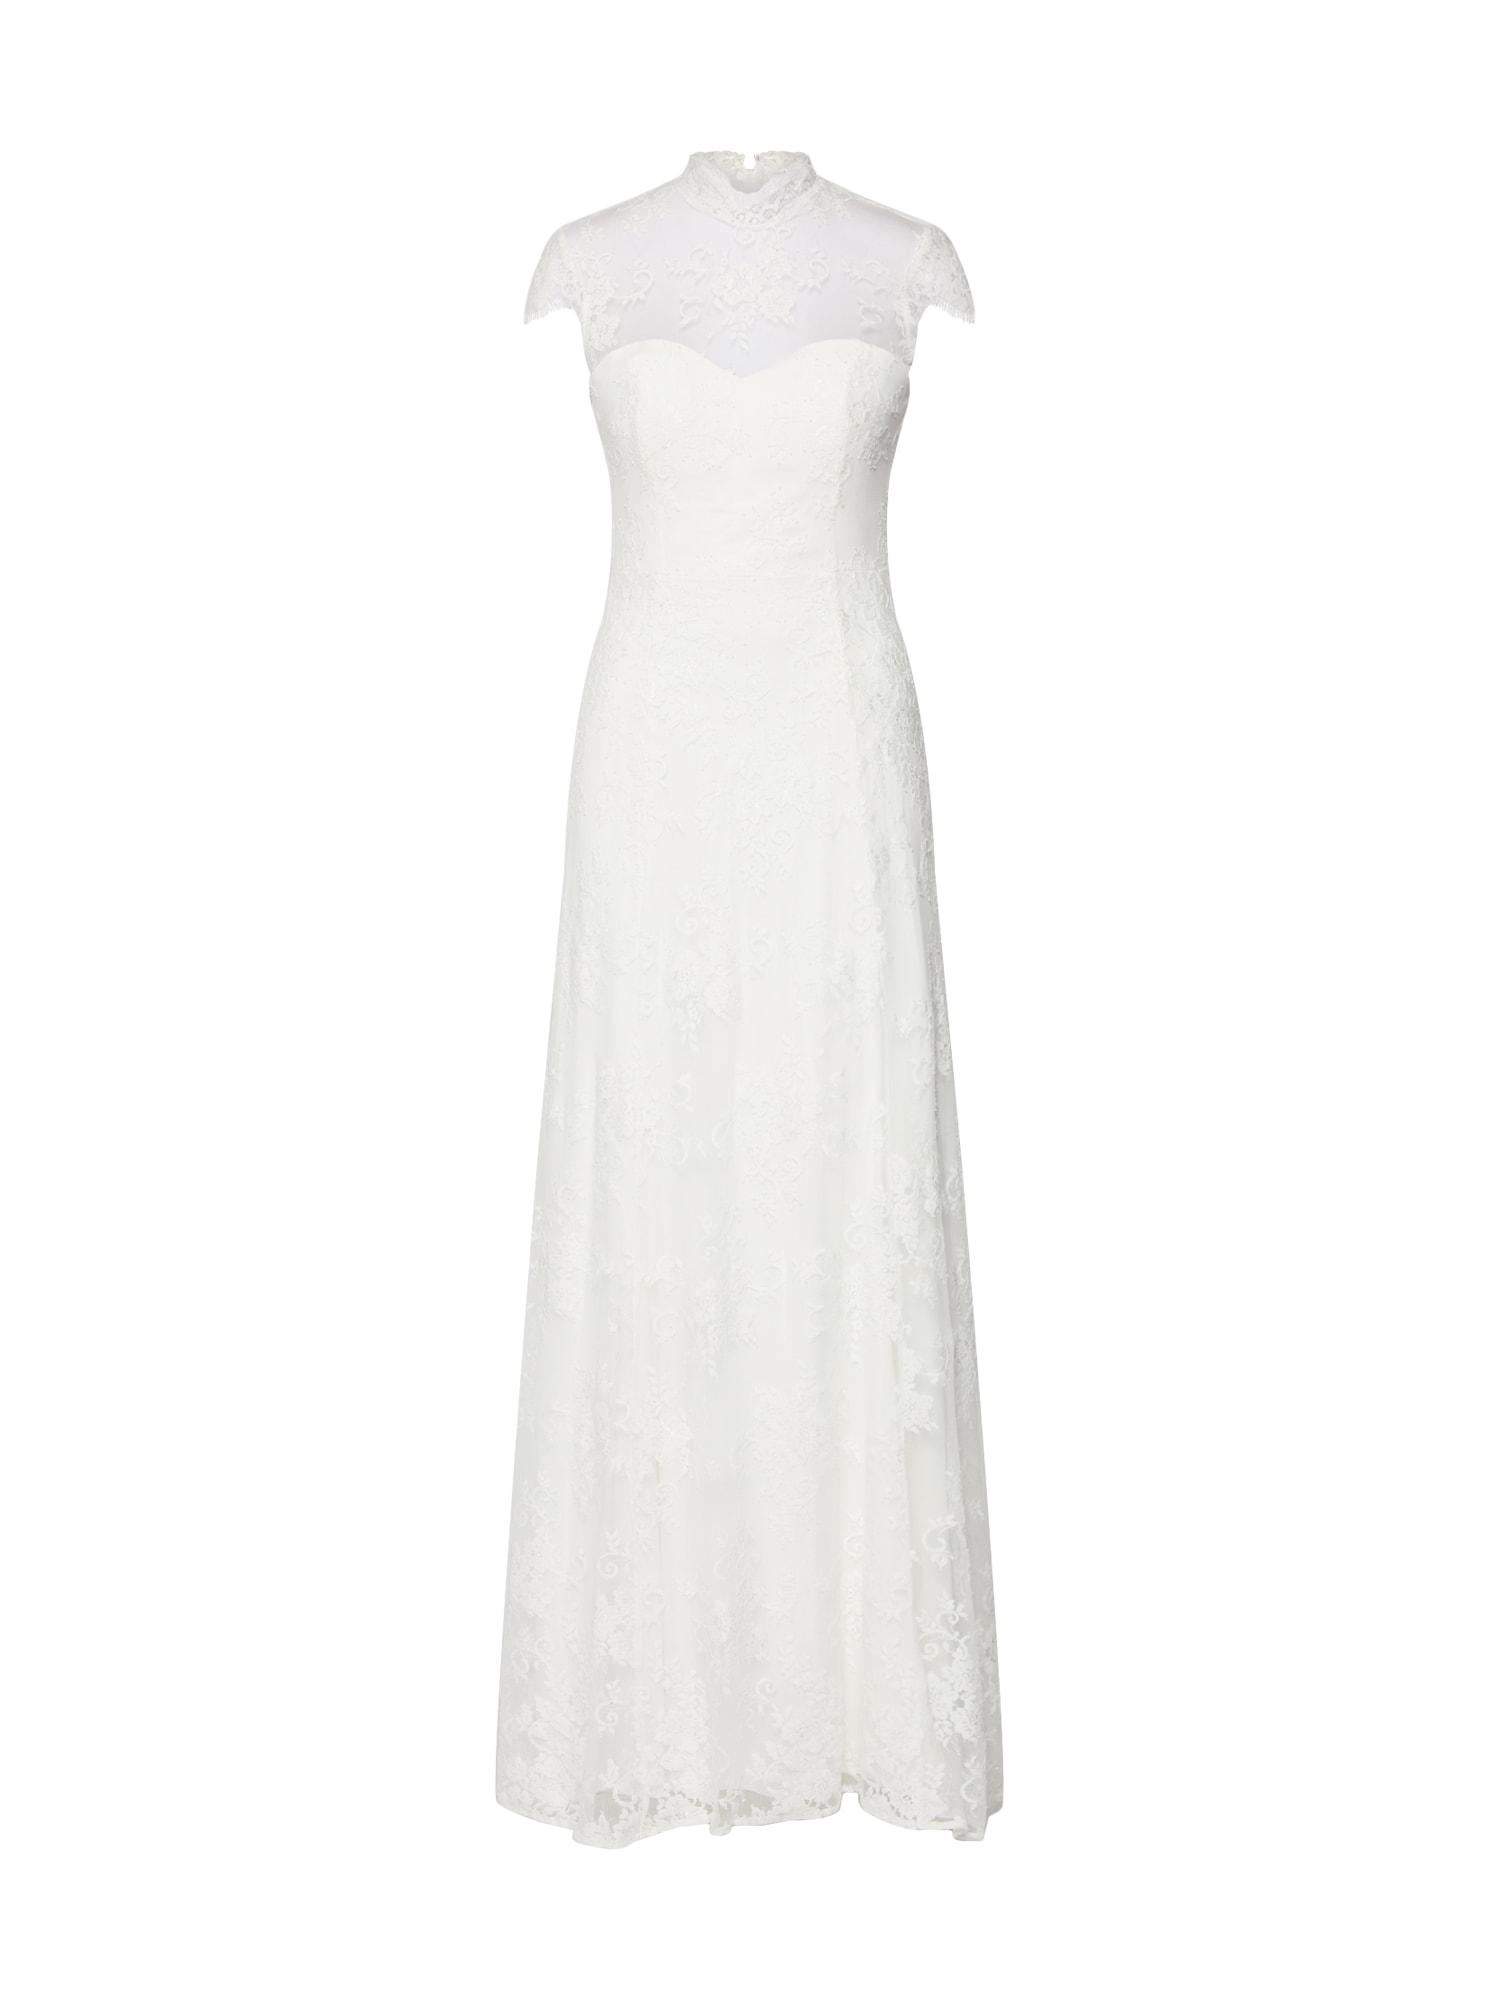 Brautkleid mit Spitze   Bekleidung > Kleider > Brautkleider   Weiß   IVY & OAK